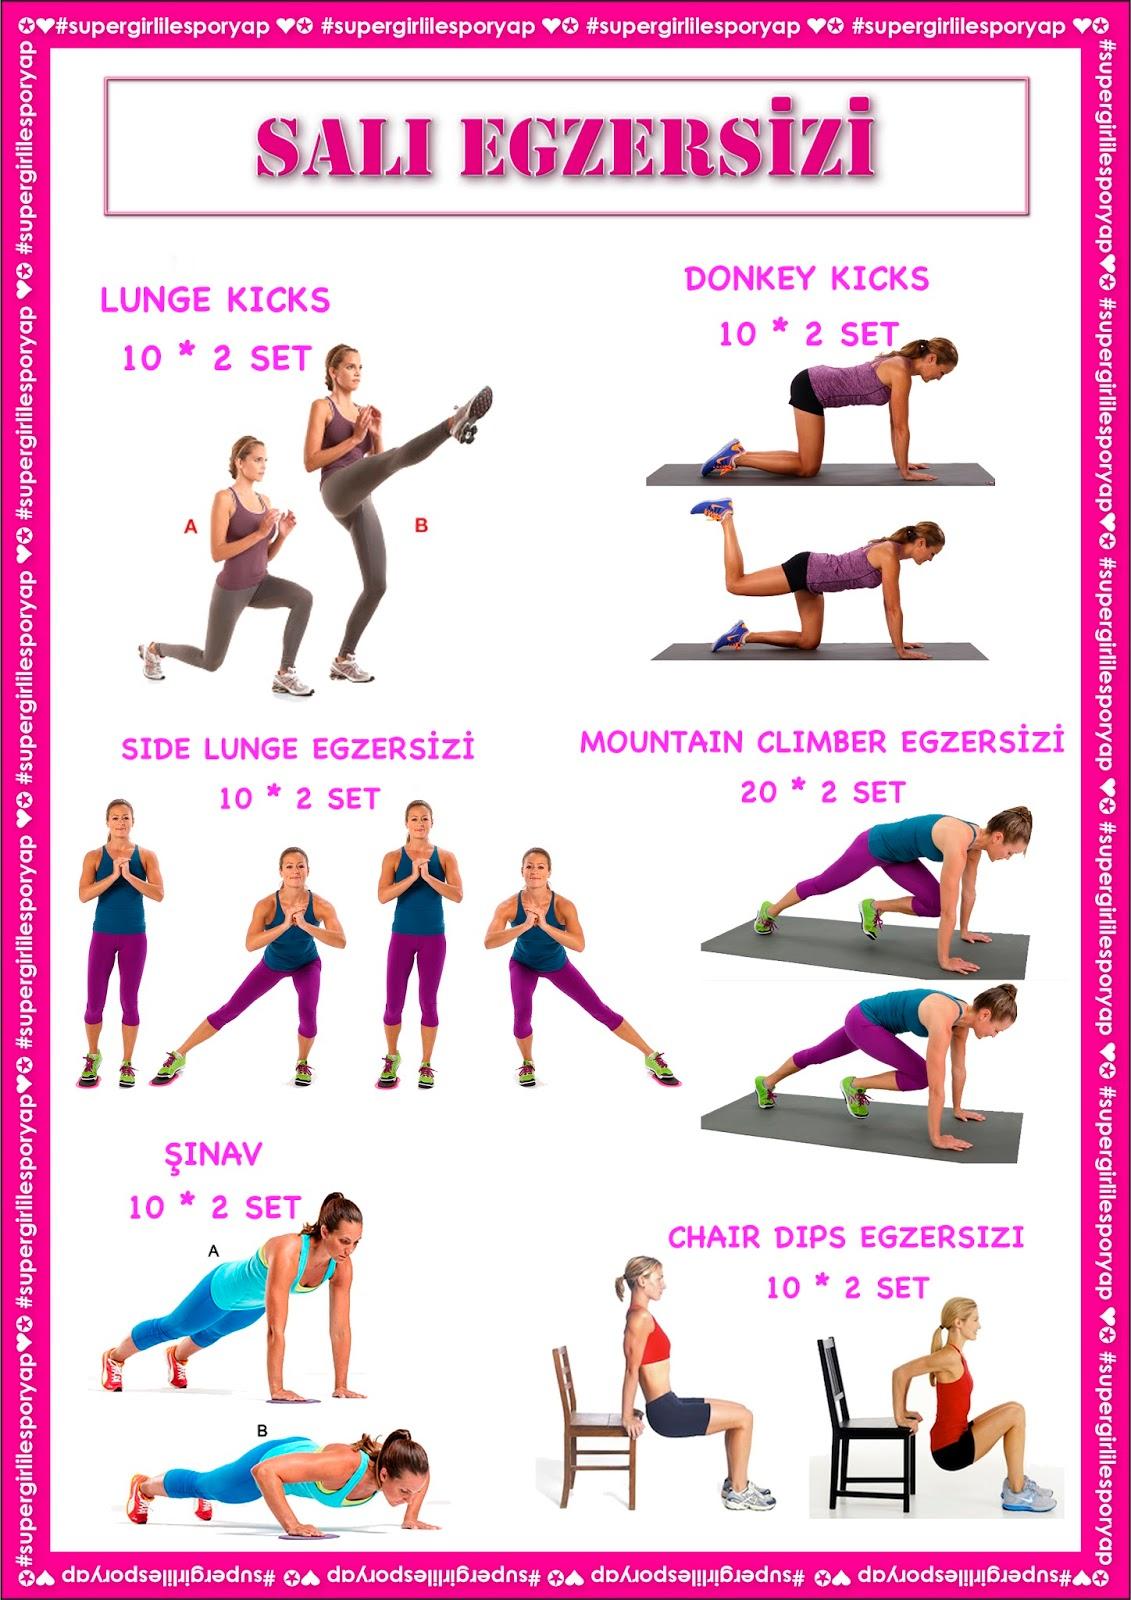 Perşembe egzersizleri - Haftalık egzersiz programı